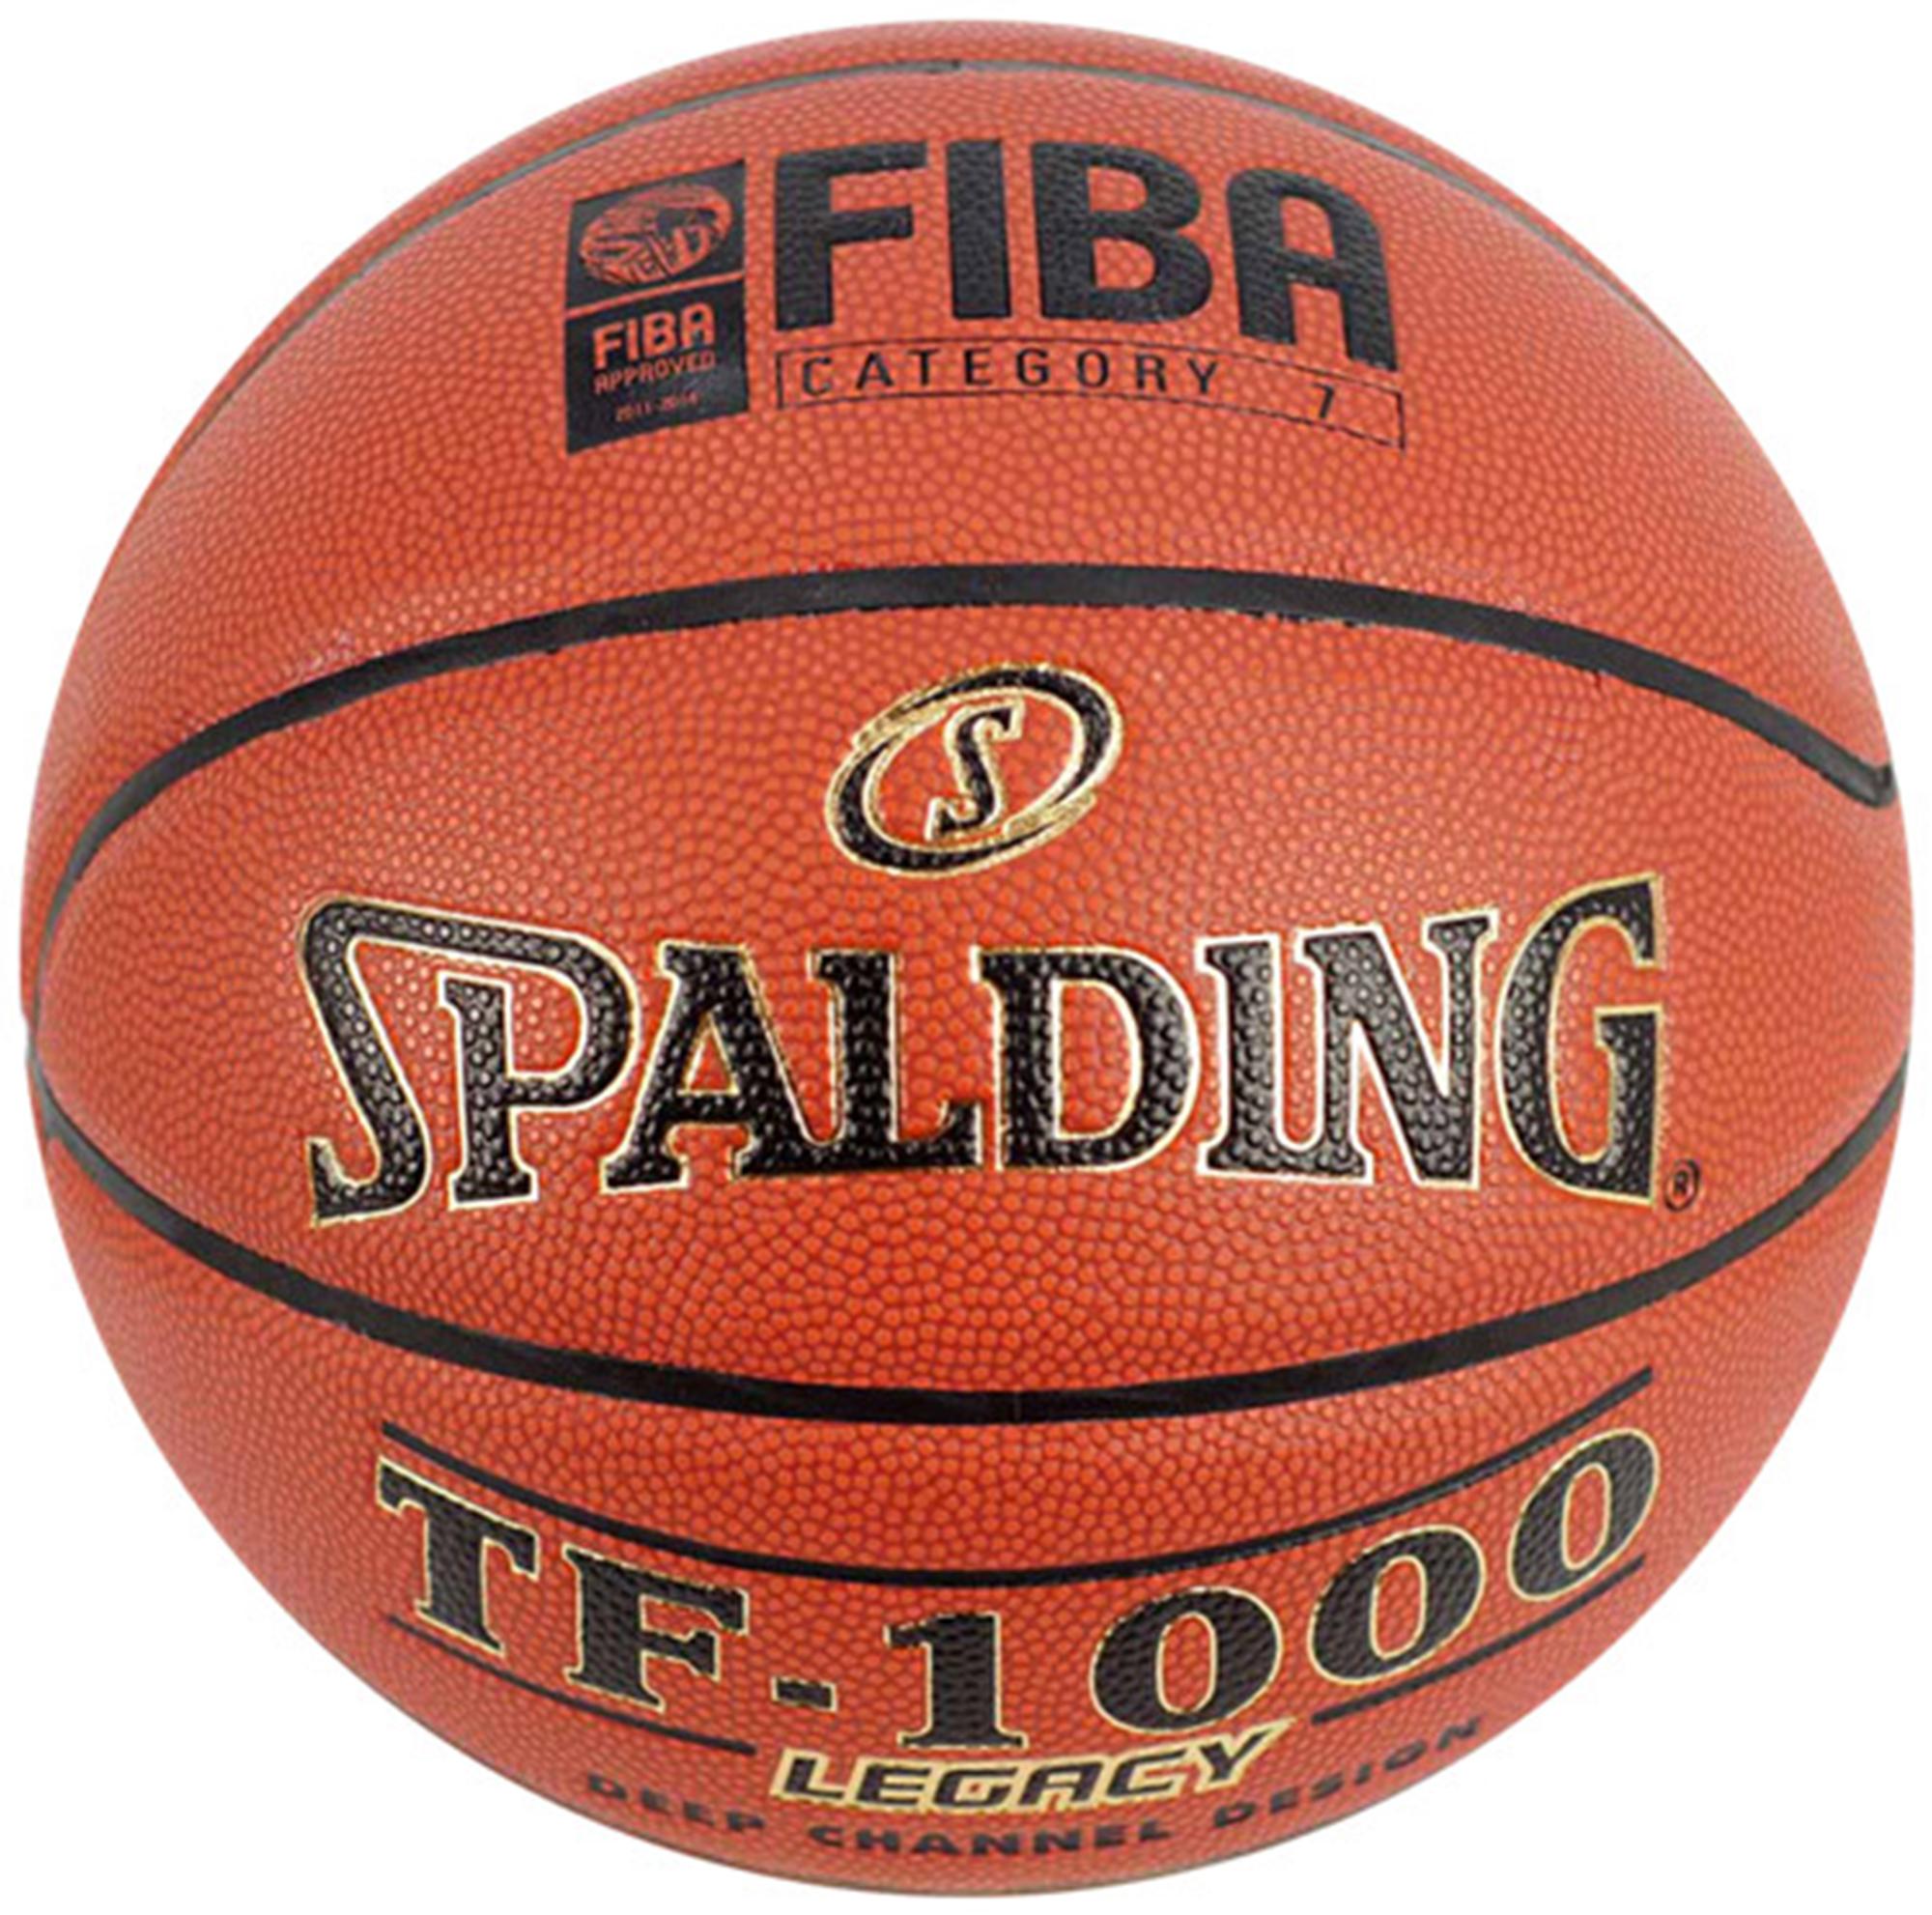 Spalding Мяч баскетбольный Spalding TF-1000 Legacy FIBA цена и фото